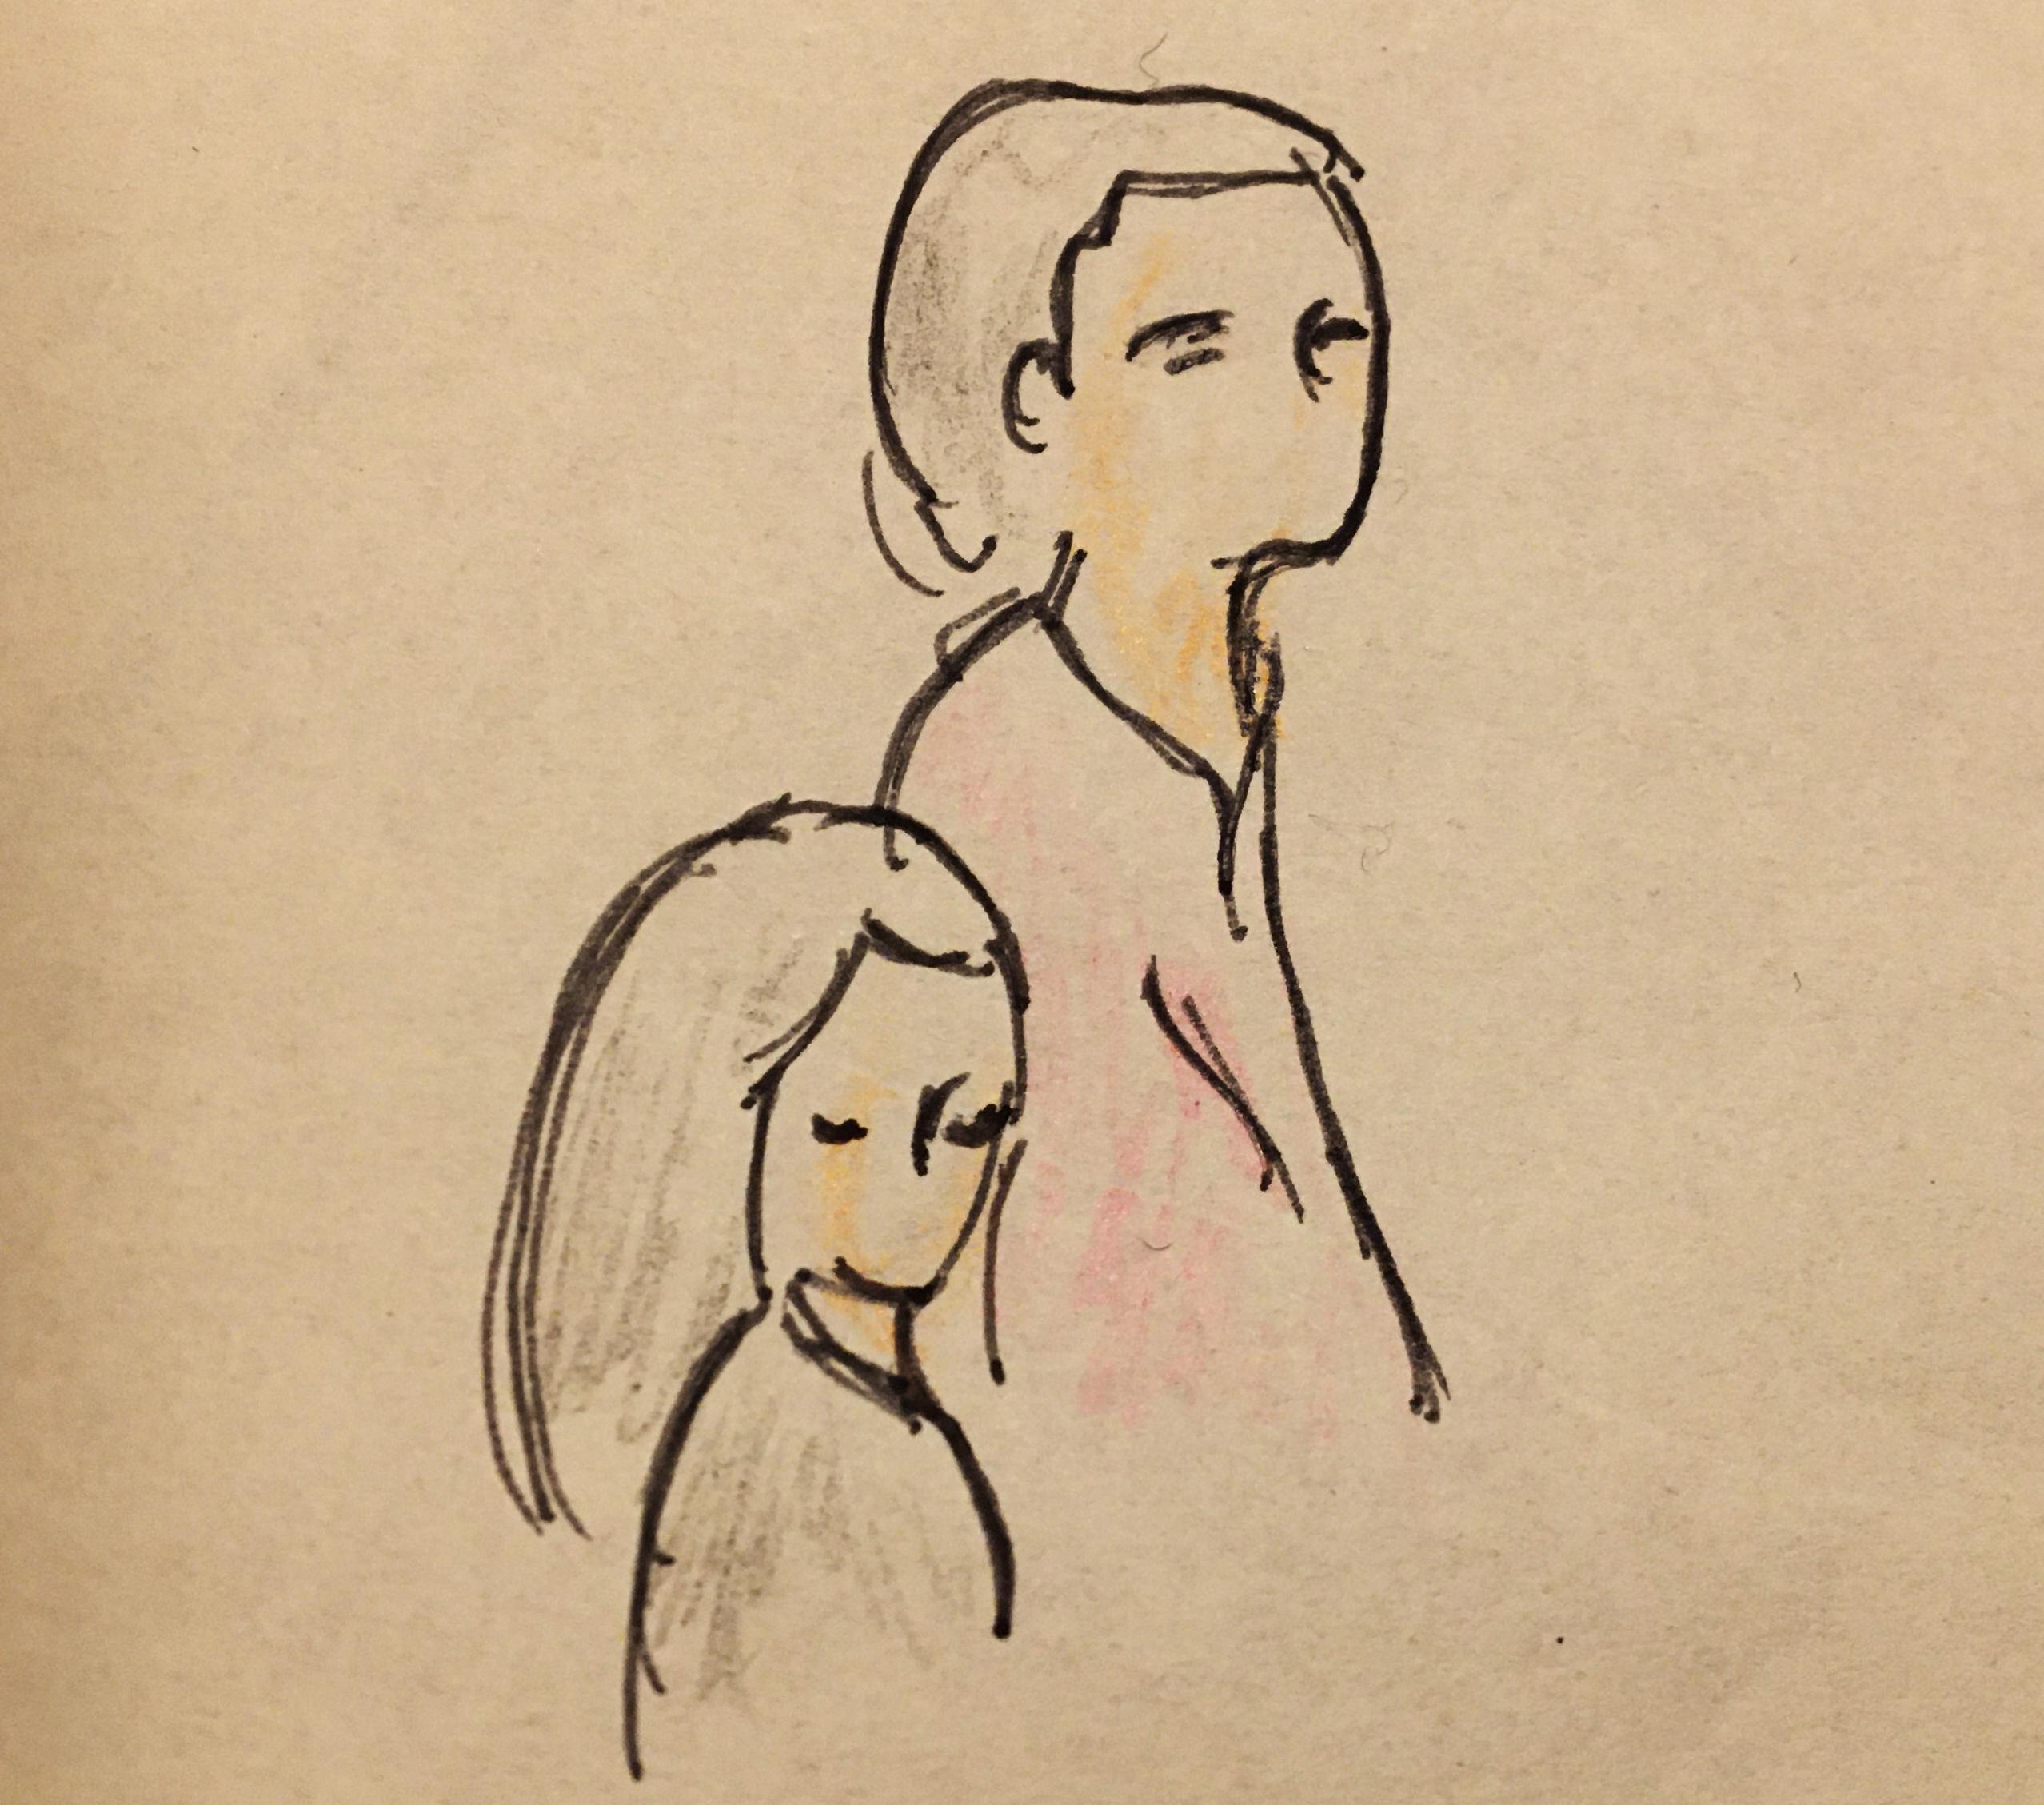 『万引き家族』親がなければ子は育たず